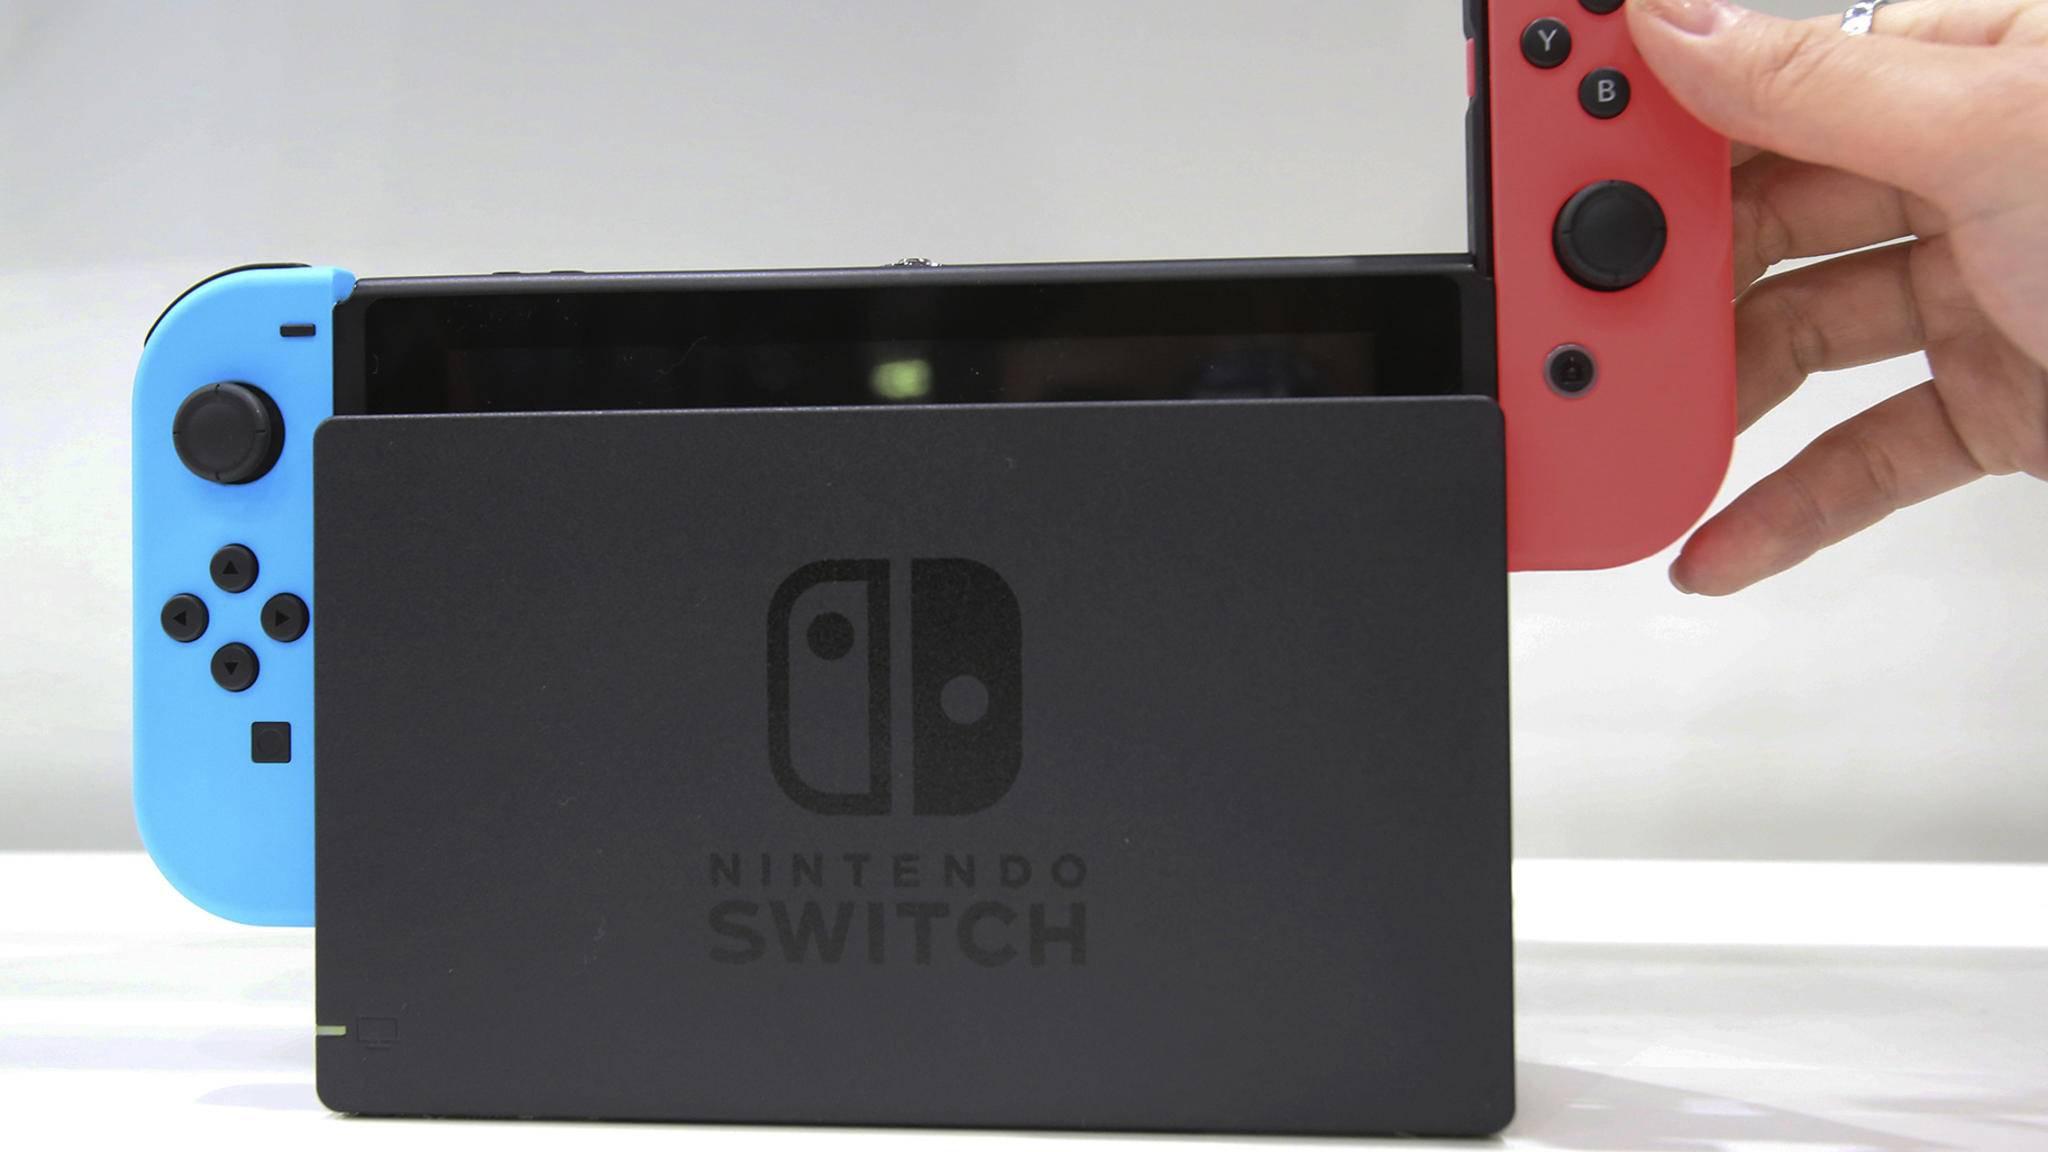 Die Nintendo Switch wurde vorgestellt und wird am 3. März in den Handel kommen.